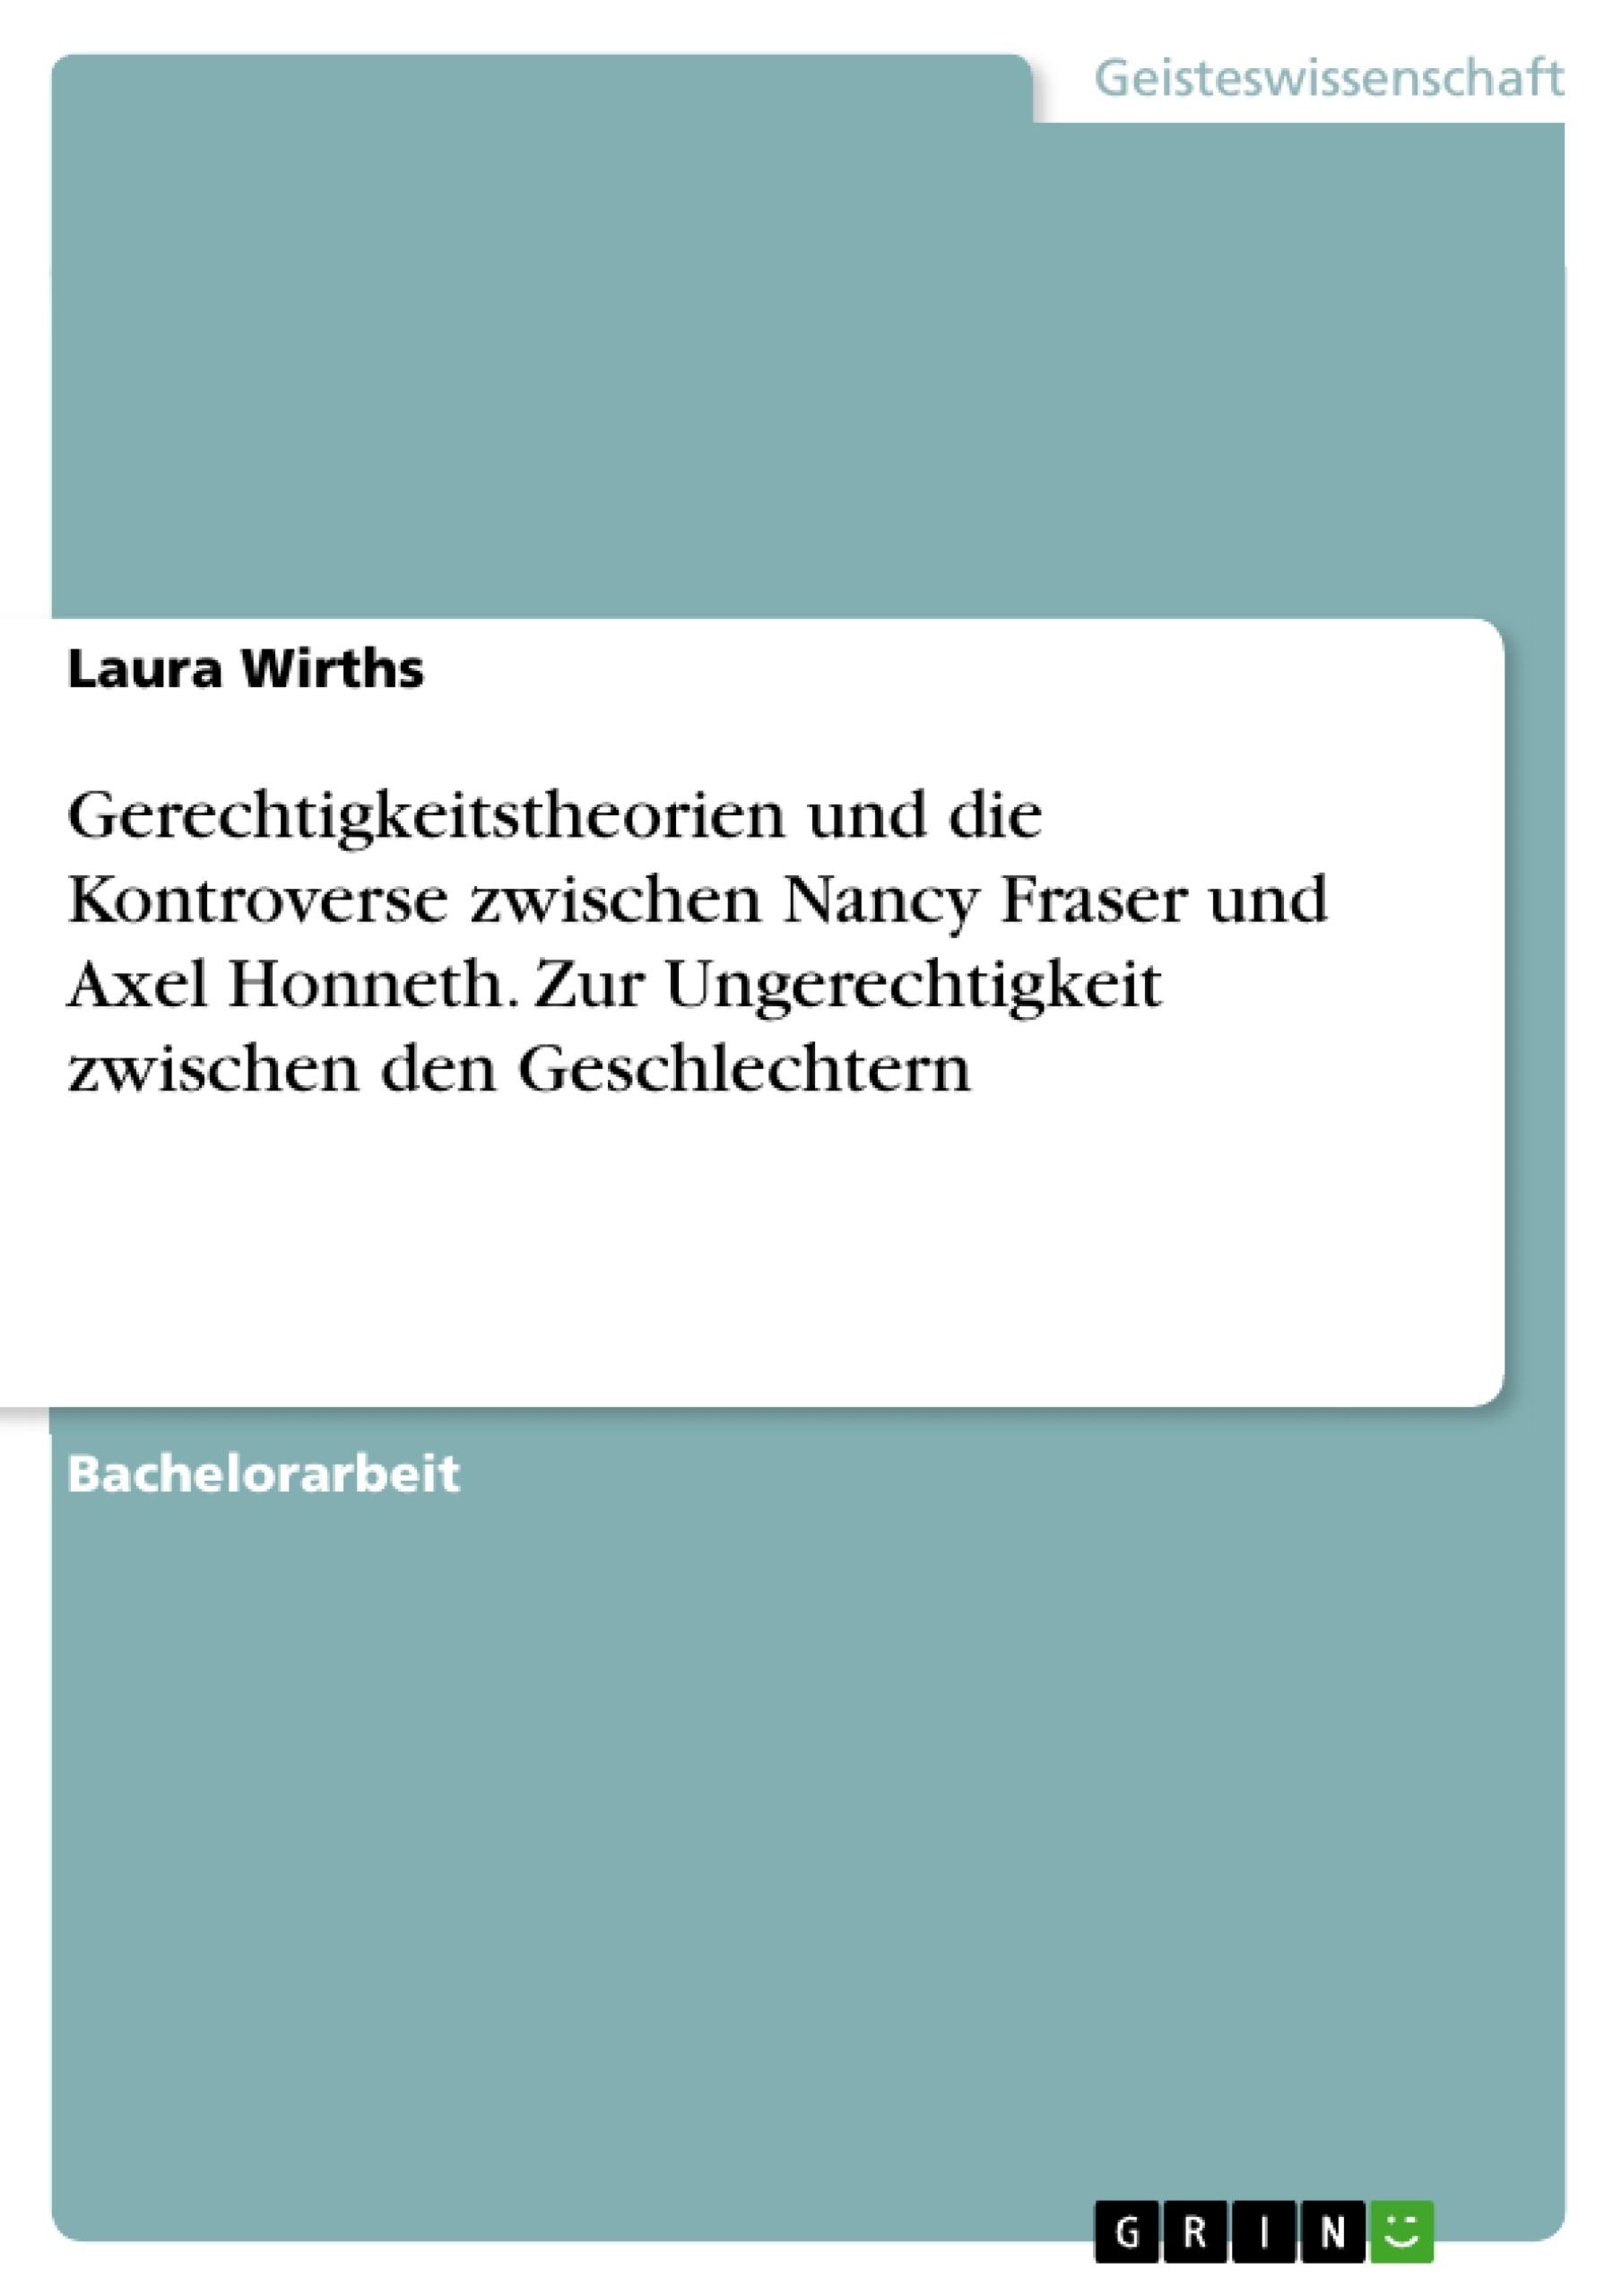 Titel: Gerechtigkeitstheorien und die Kontroverse zwischen Nancy Fraser und Axel Honneth. Zur Ungerechtigkeit zwischen den Geschlechtern